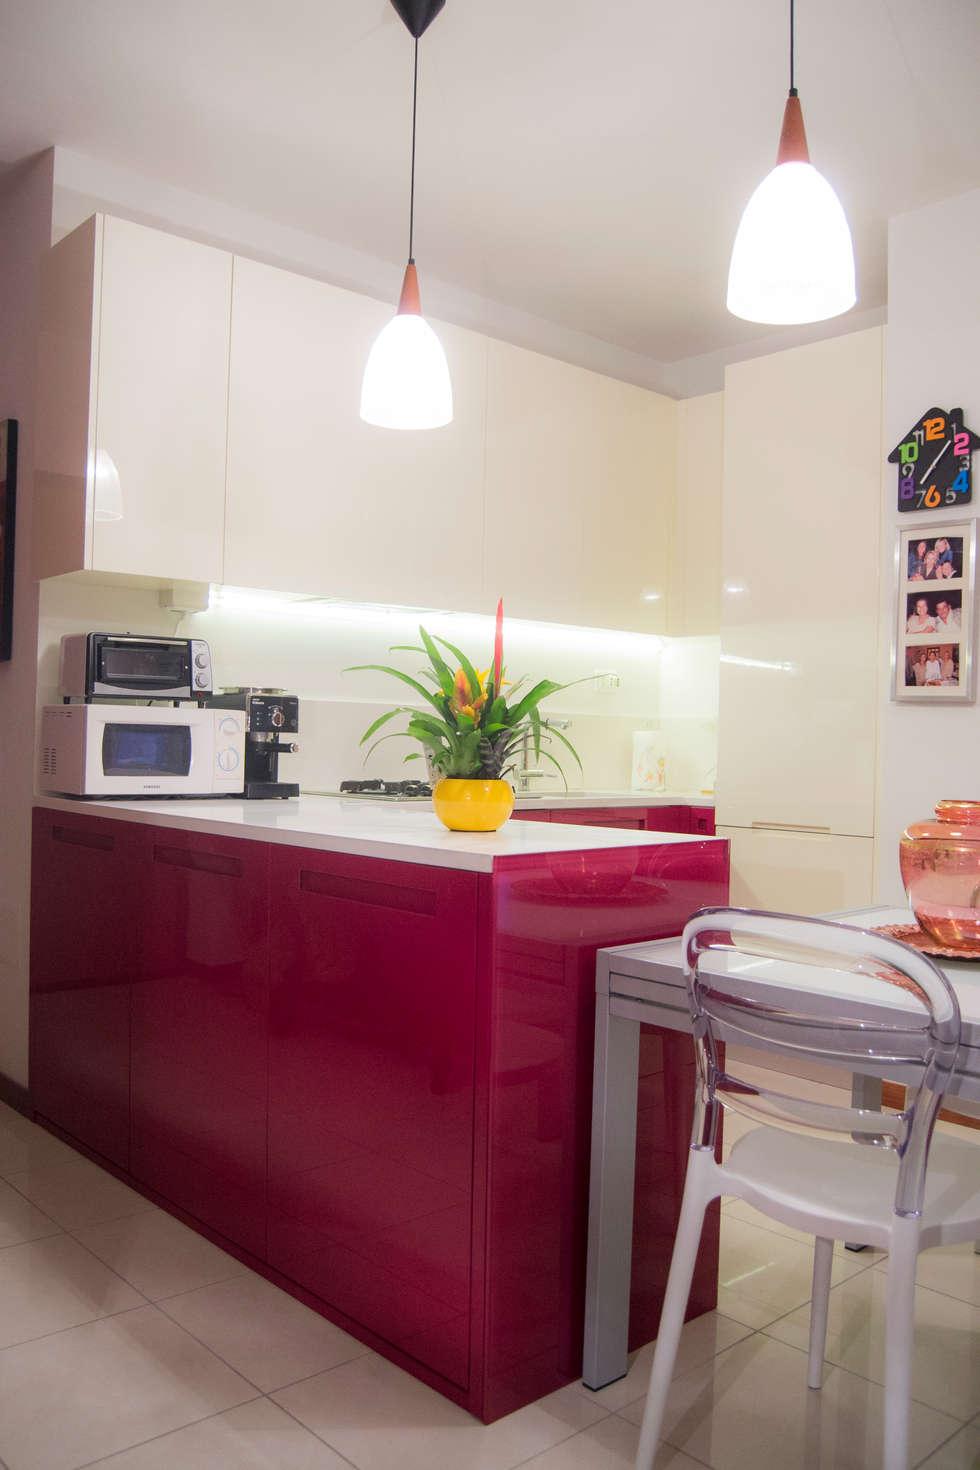 Best Cucina Lucrezia Mondo Convenienza Images - Ideas & Design ...